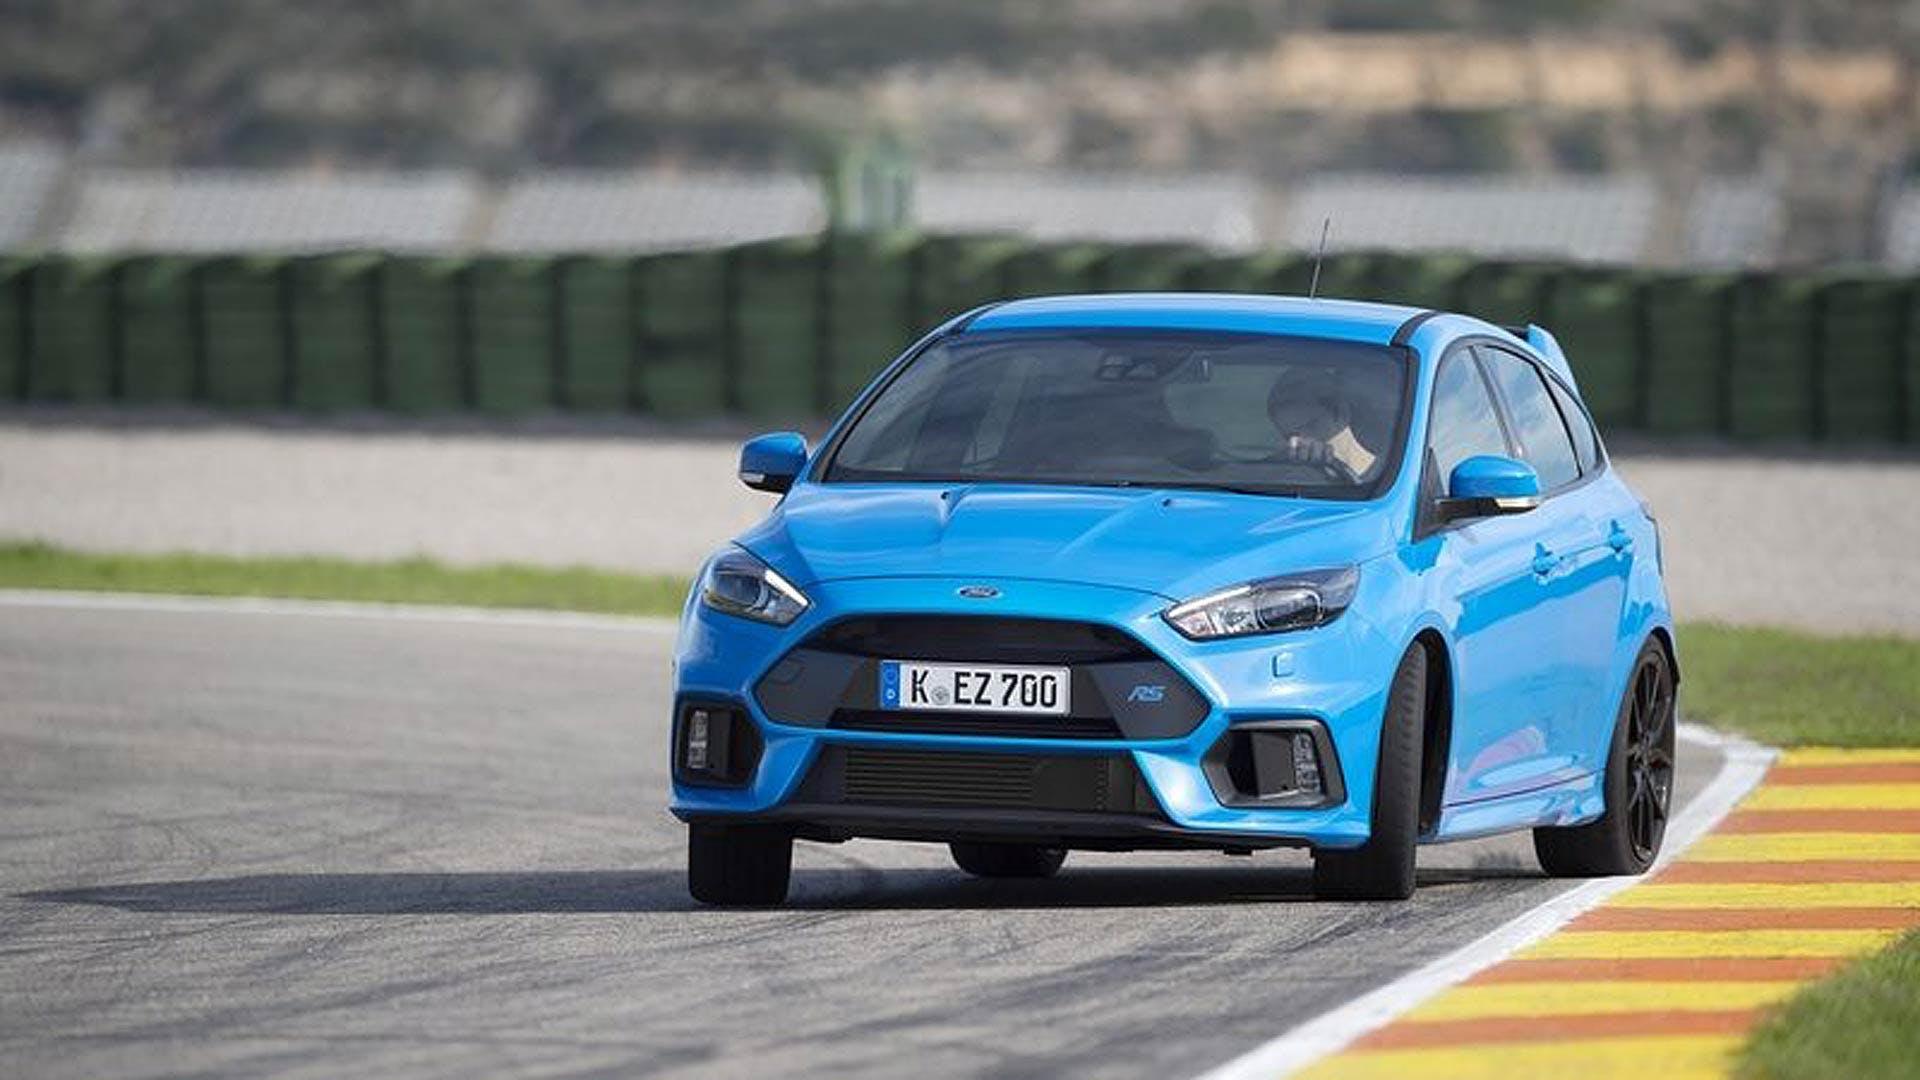 Ford Focus RS azzurra in controsterzo su circuito